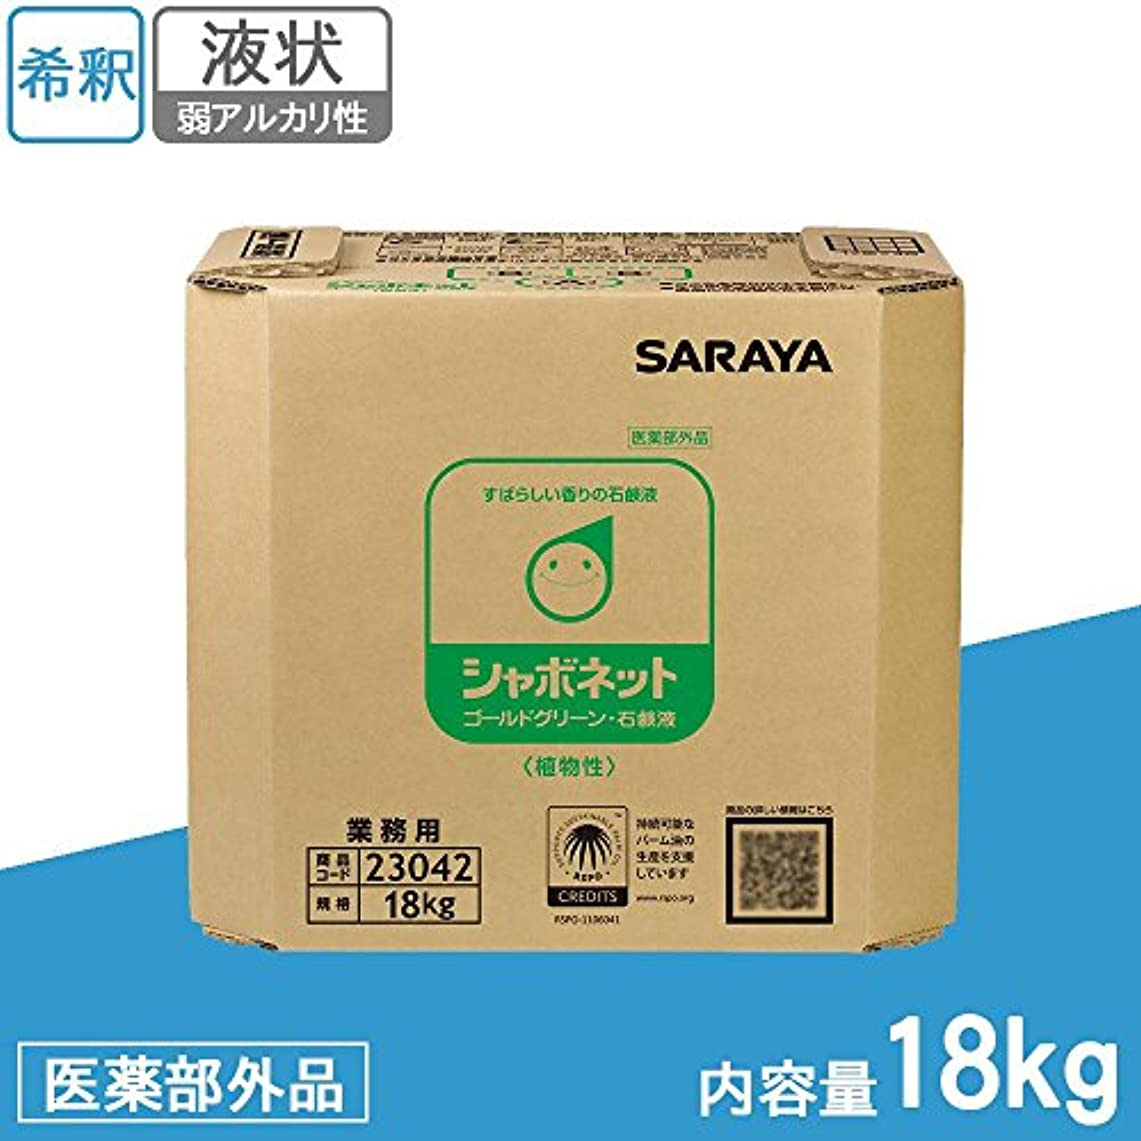 ブート不公平上下するサラヤ 業務用 手洗い用石けん液 シャボネットゴールドグリーン スズランの香り 18kg BIB 23042 (医薬部外品)